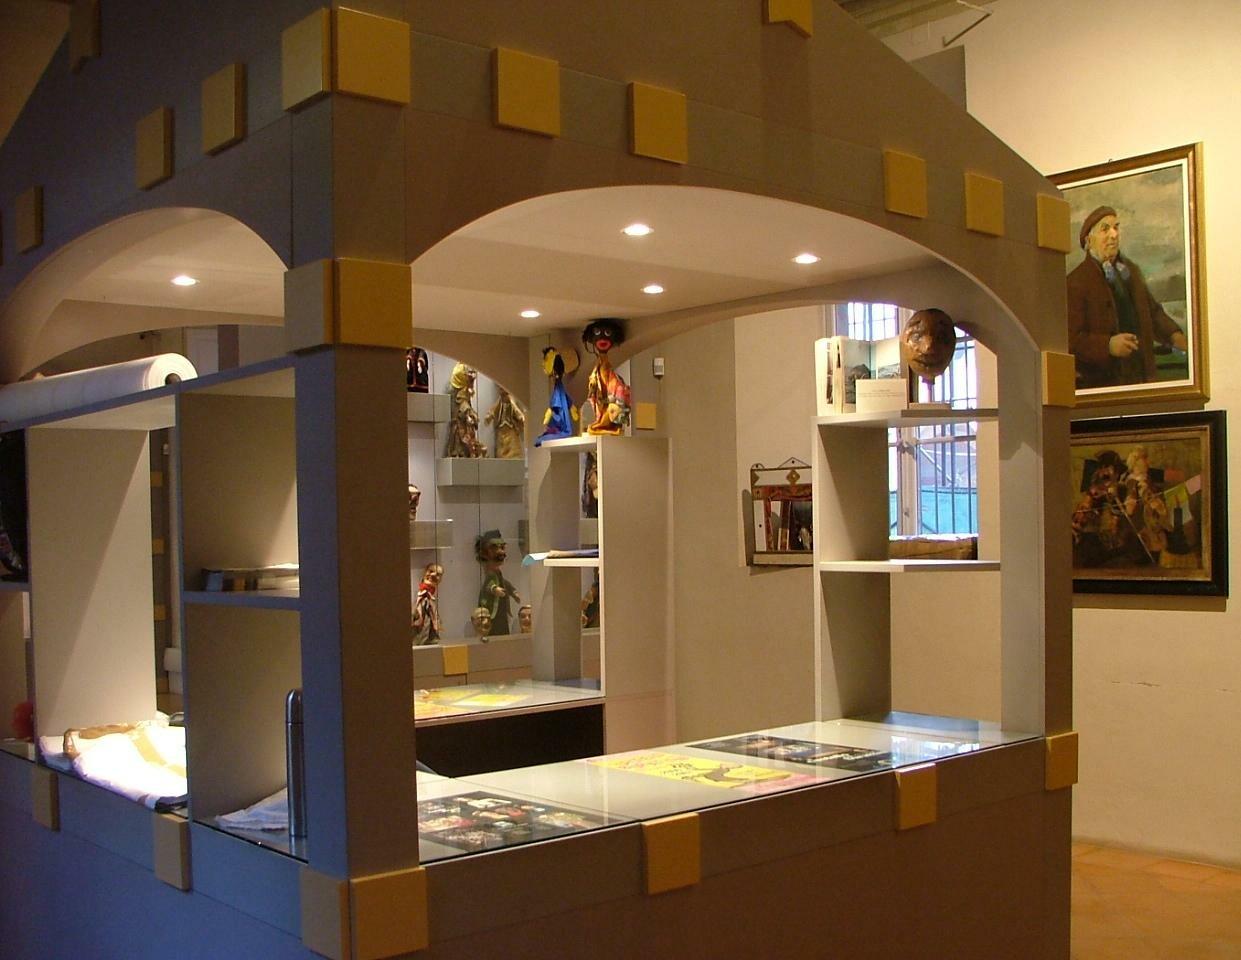 Week end nei Musei civici  Sabato 5 e domenica 6 settembre appuntamenti gratuiti per scoprire il patrimonio dei musei civici